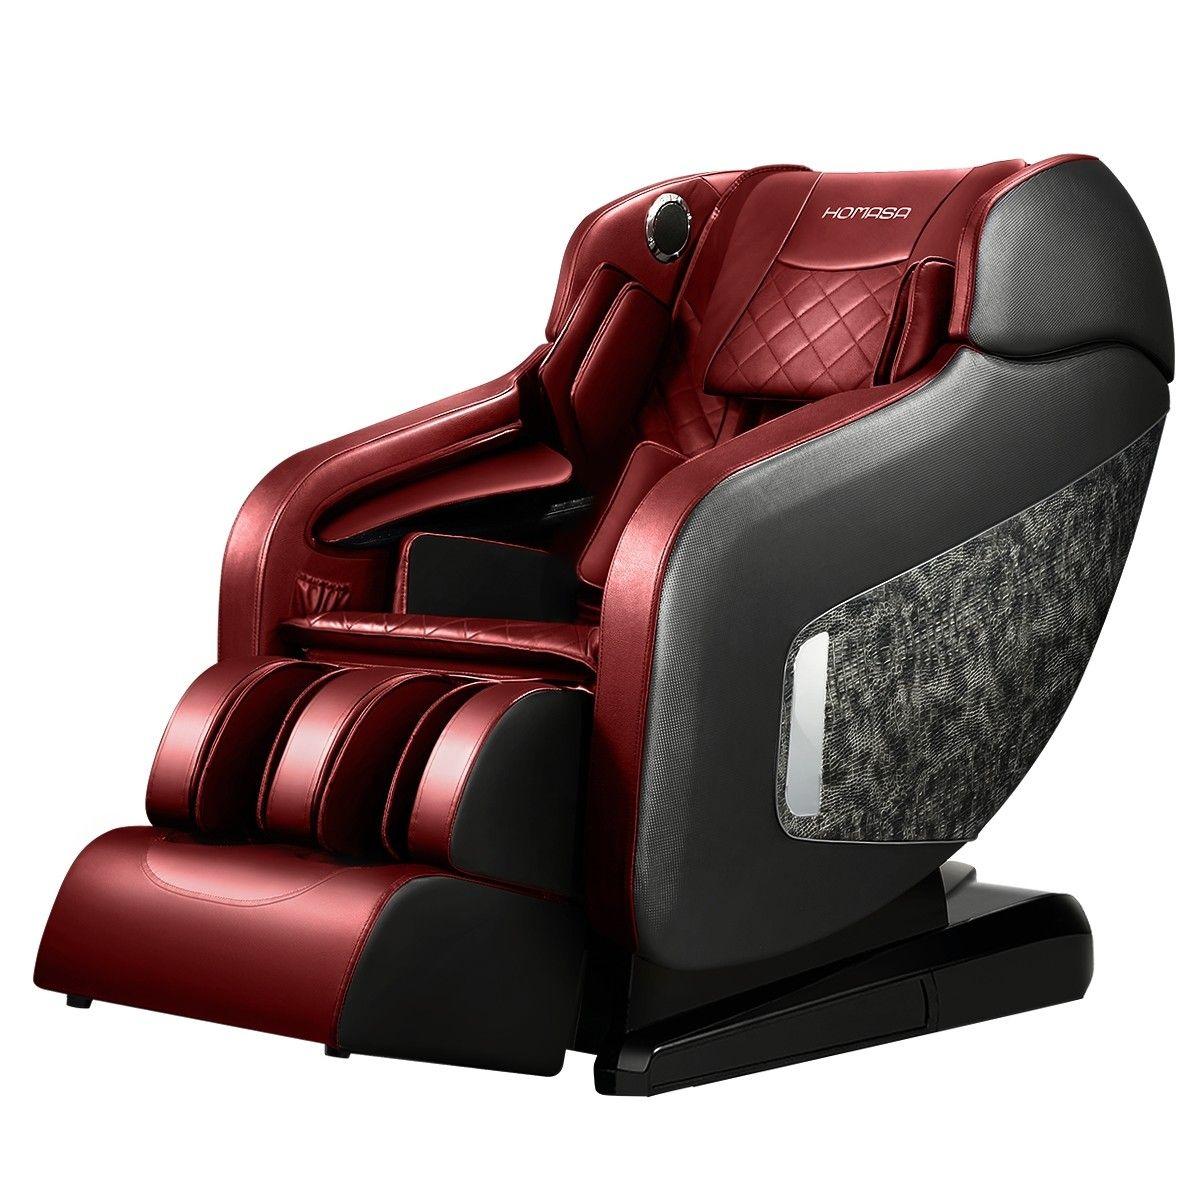 HOMASA 4D Electric Massage Recliner Chair Zero Gravity Massager Red